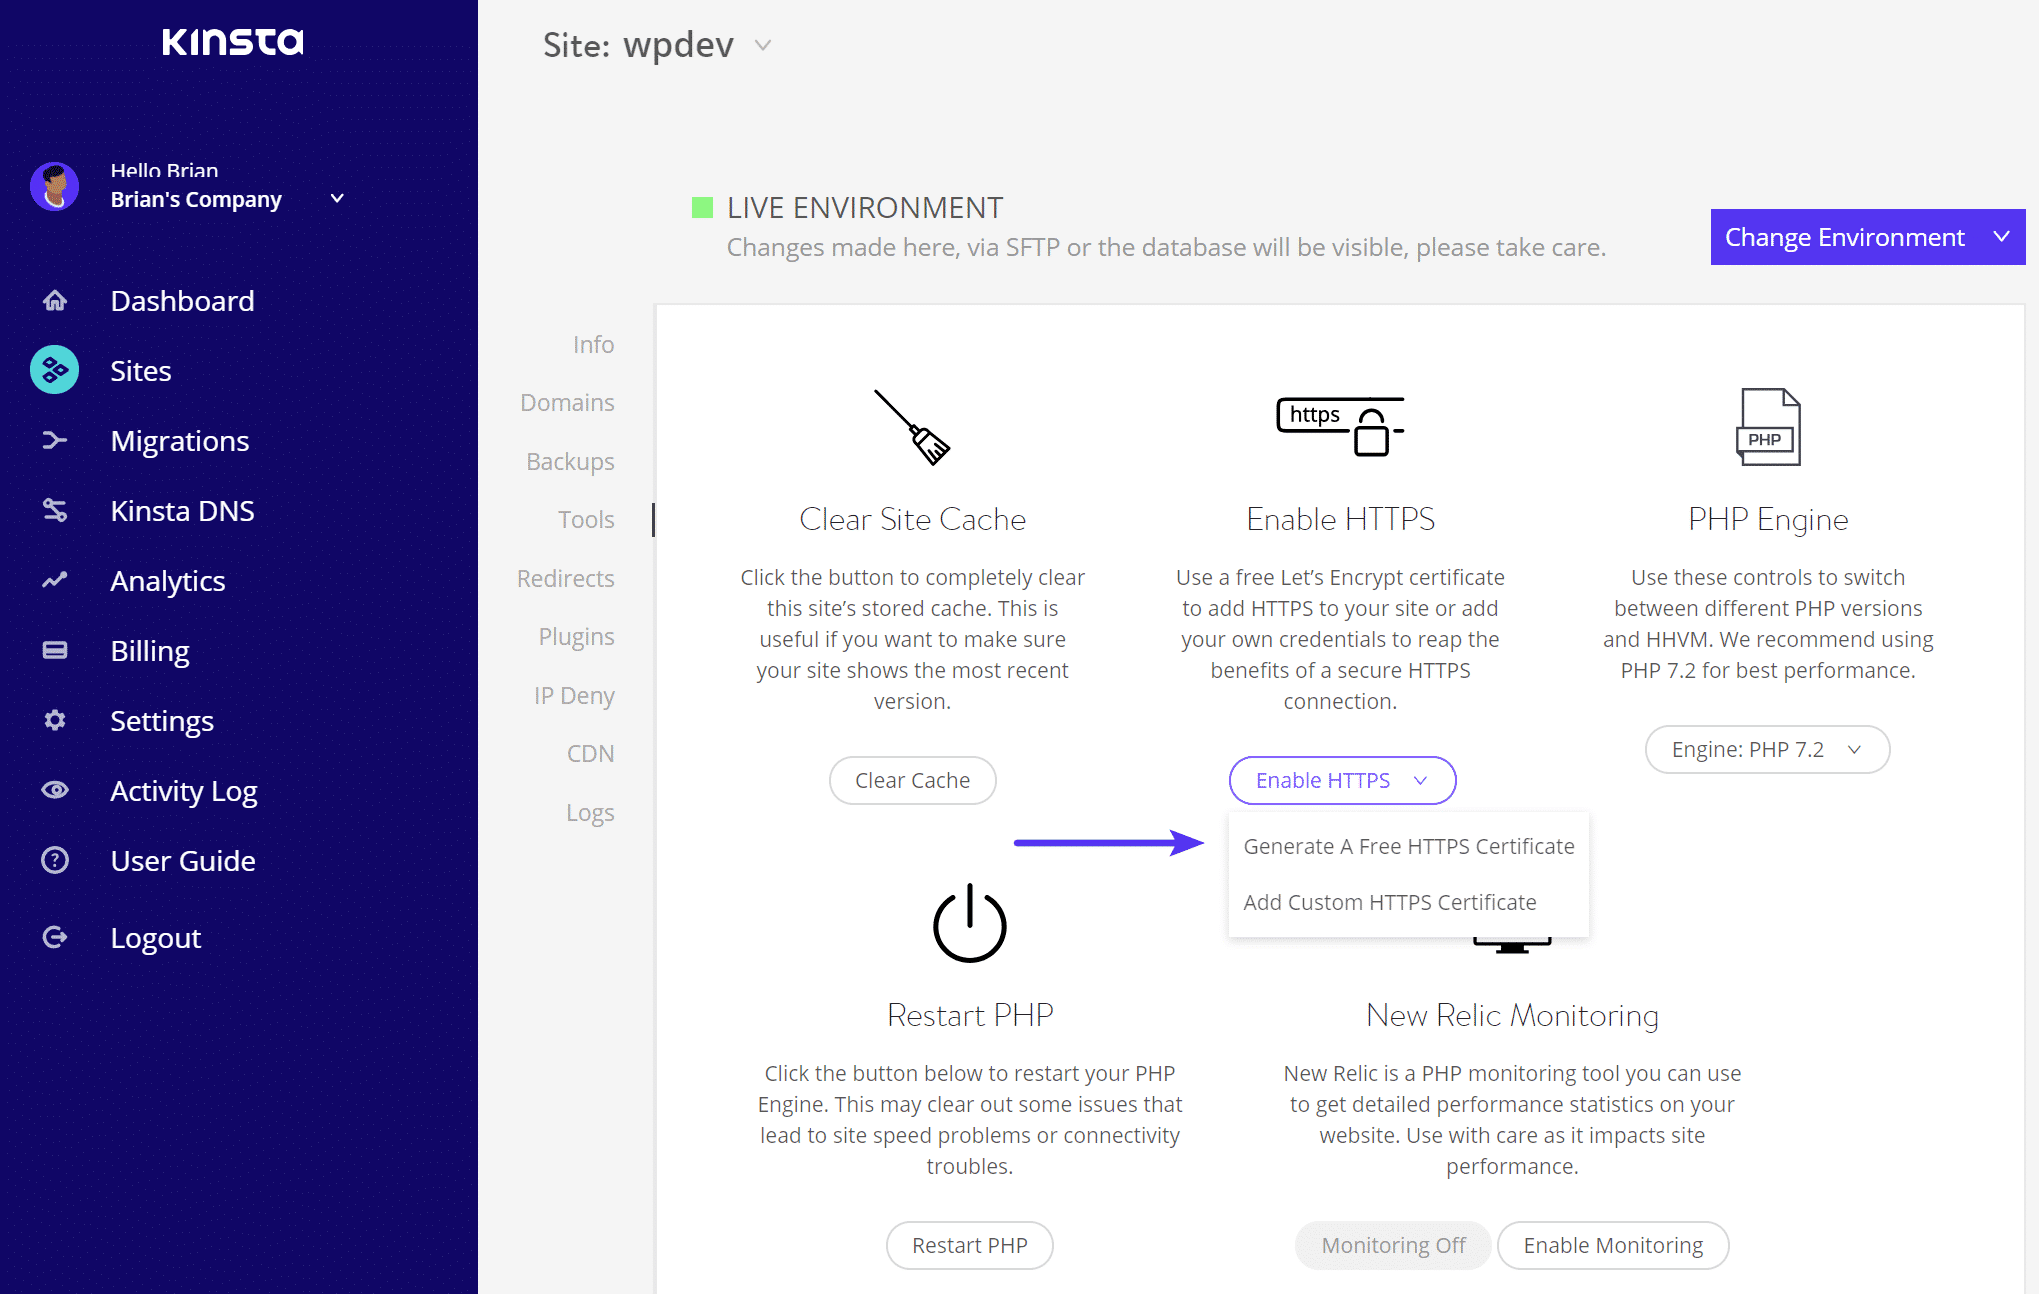 Ajouter un certificat Let's Encrypt